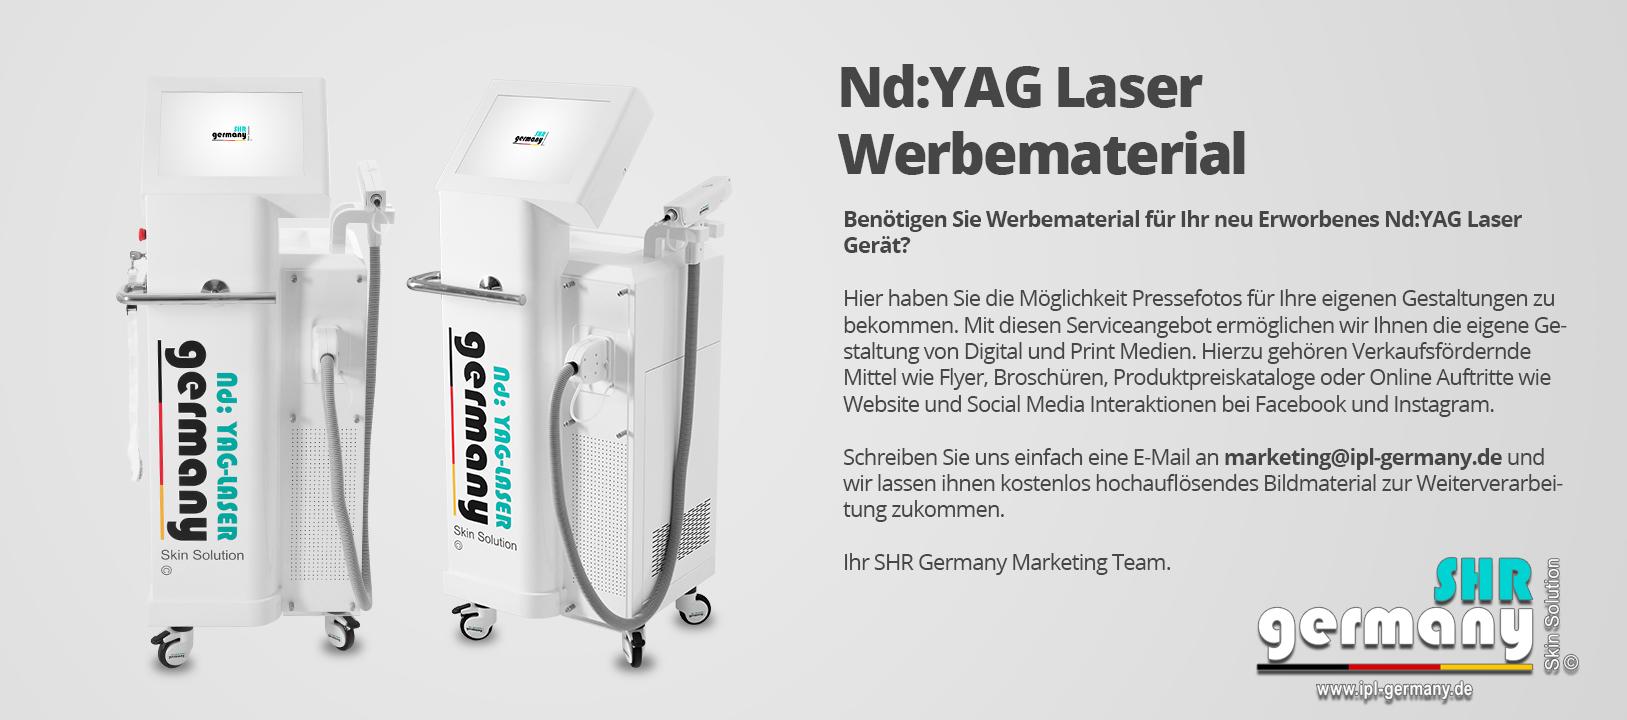 SHR-Germany_YaG_LASER_Werbematerial